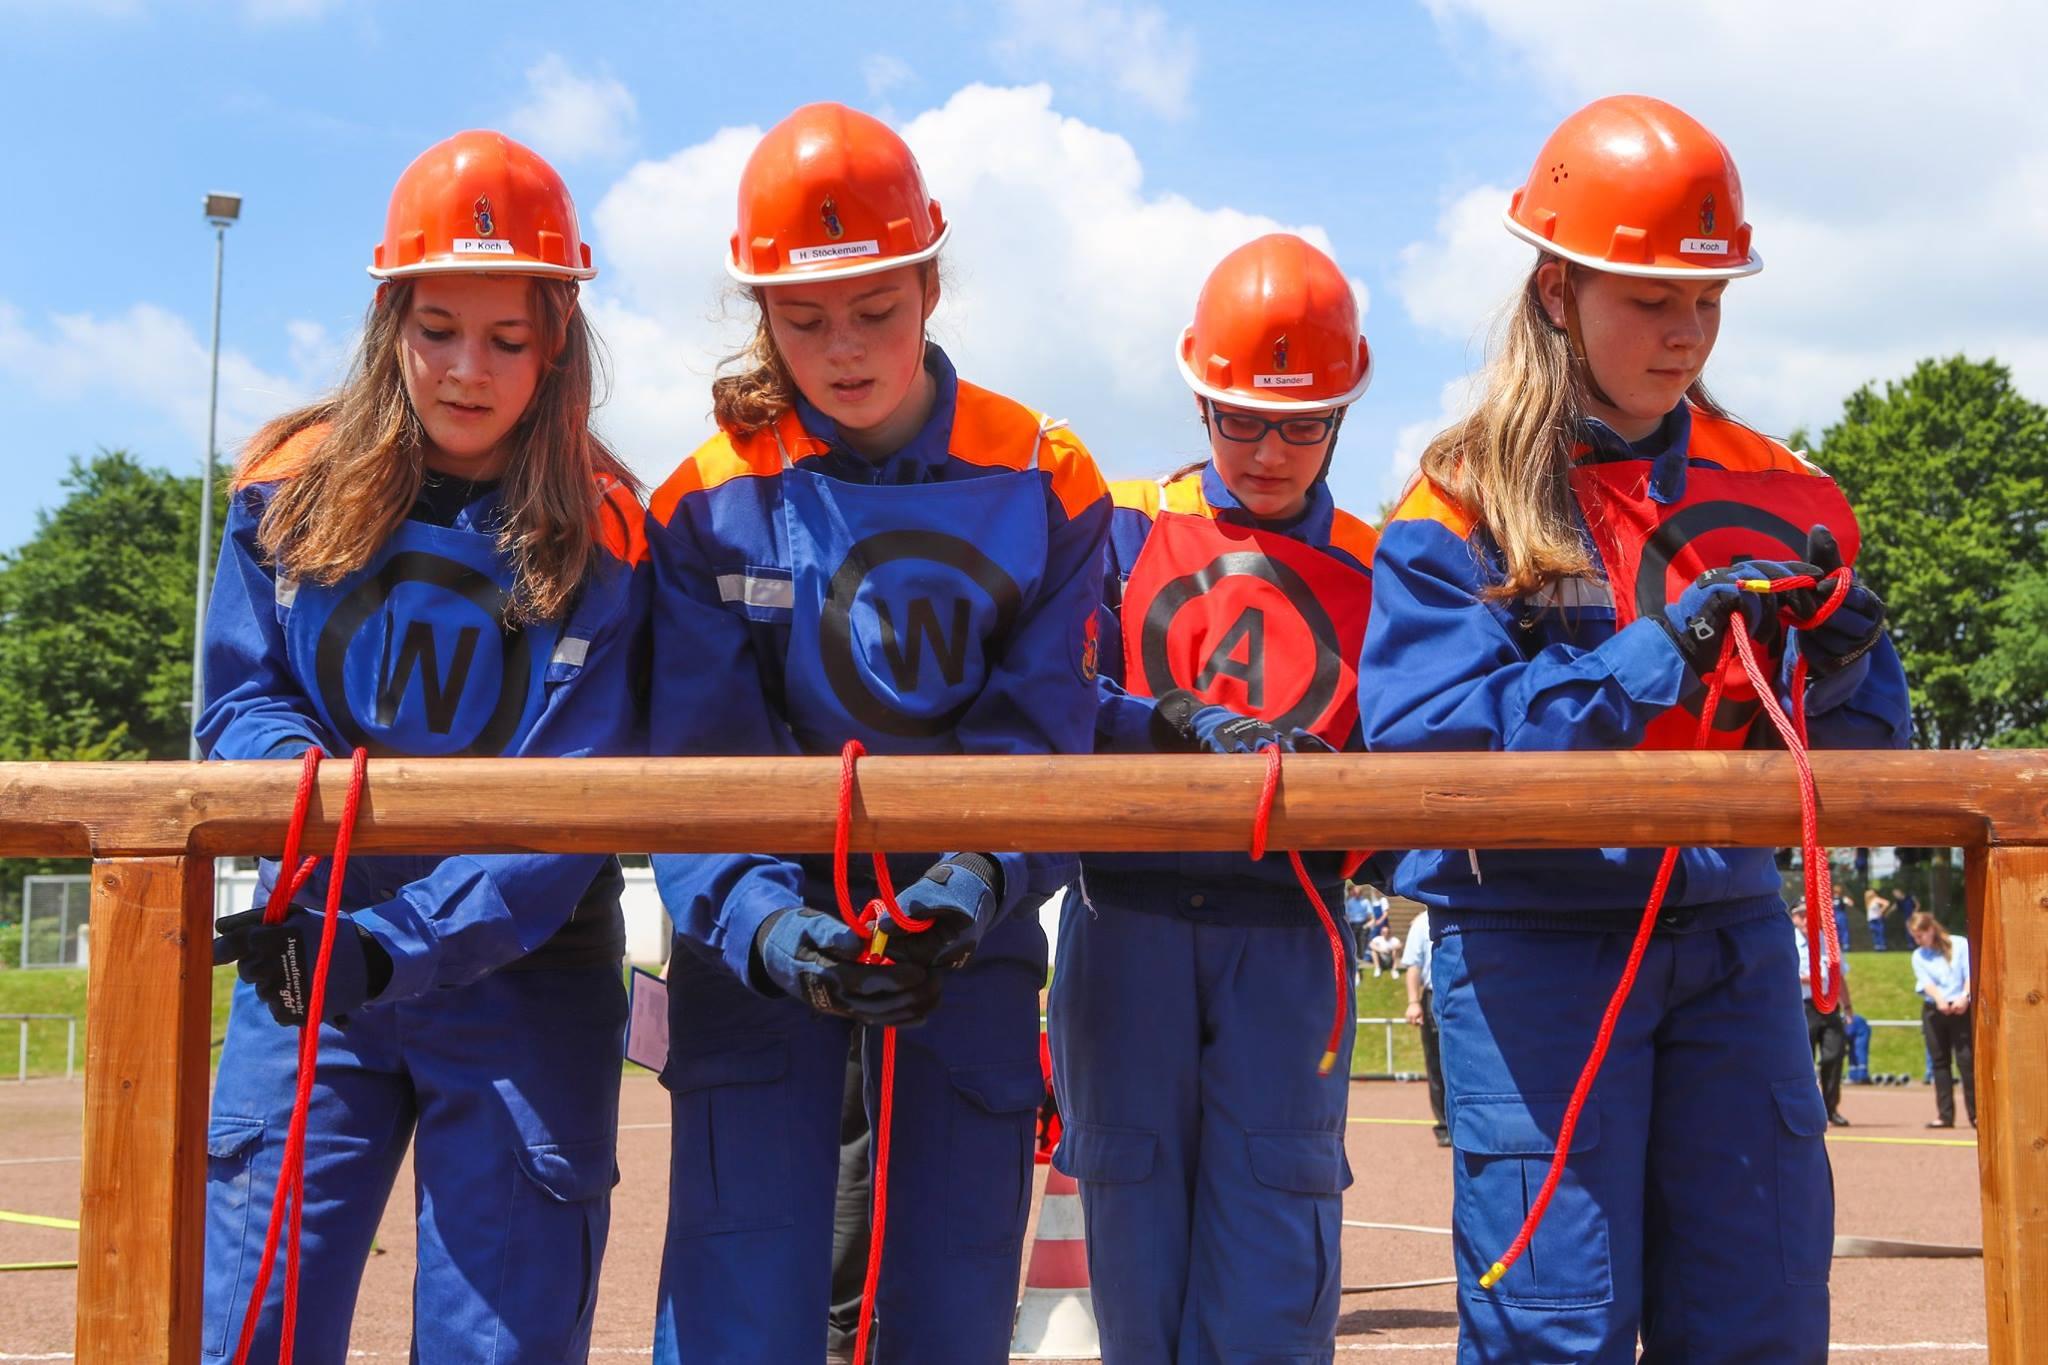 Jugendfeuerwehr Echte: Platz 21 mit jüngster Gruppe